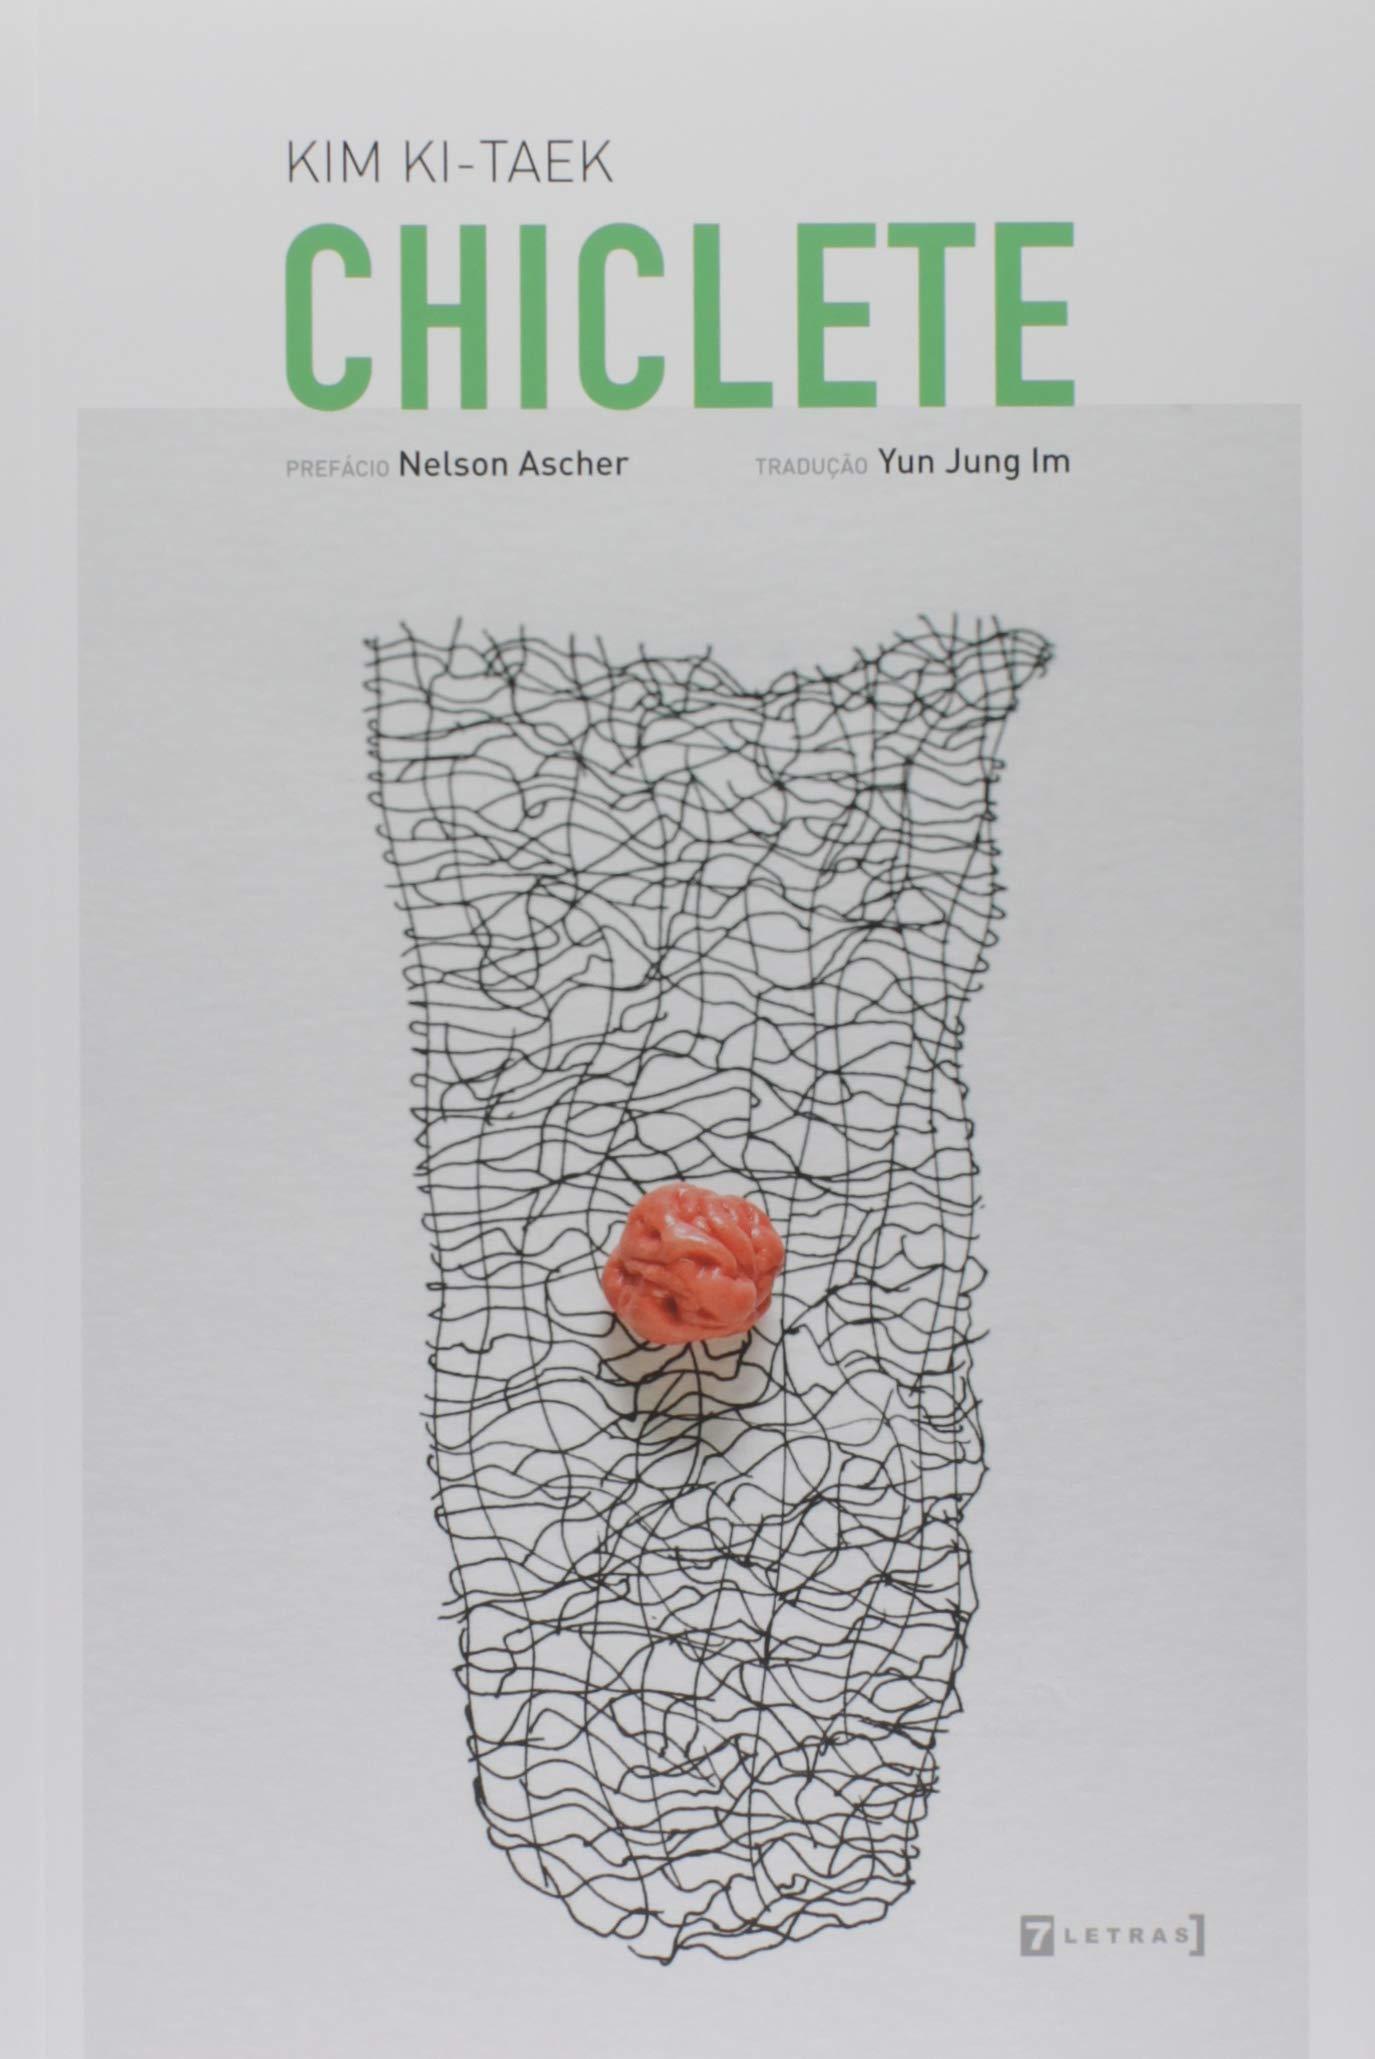 Imagem da Thumbnail para Chiclete